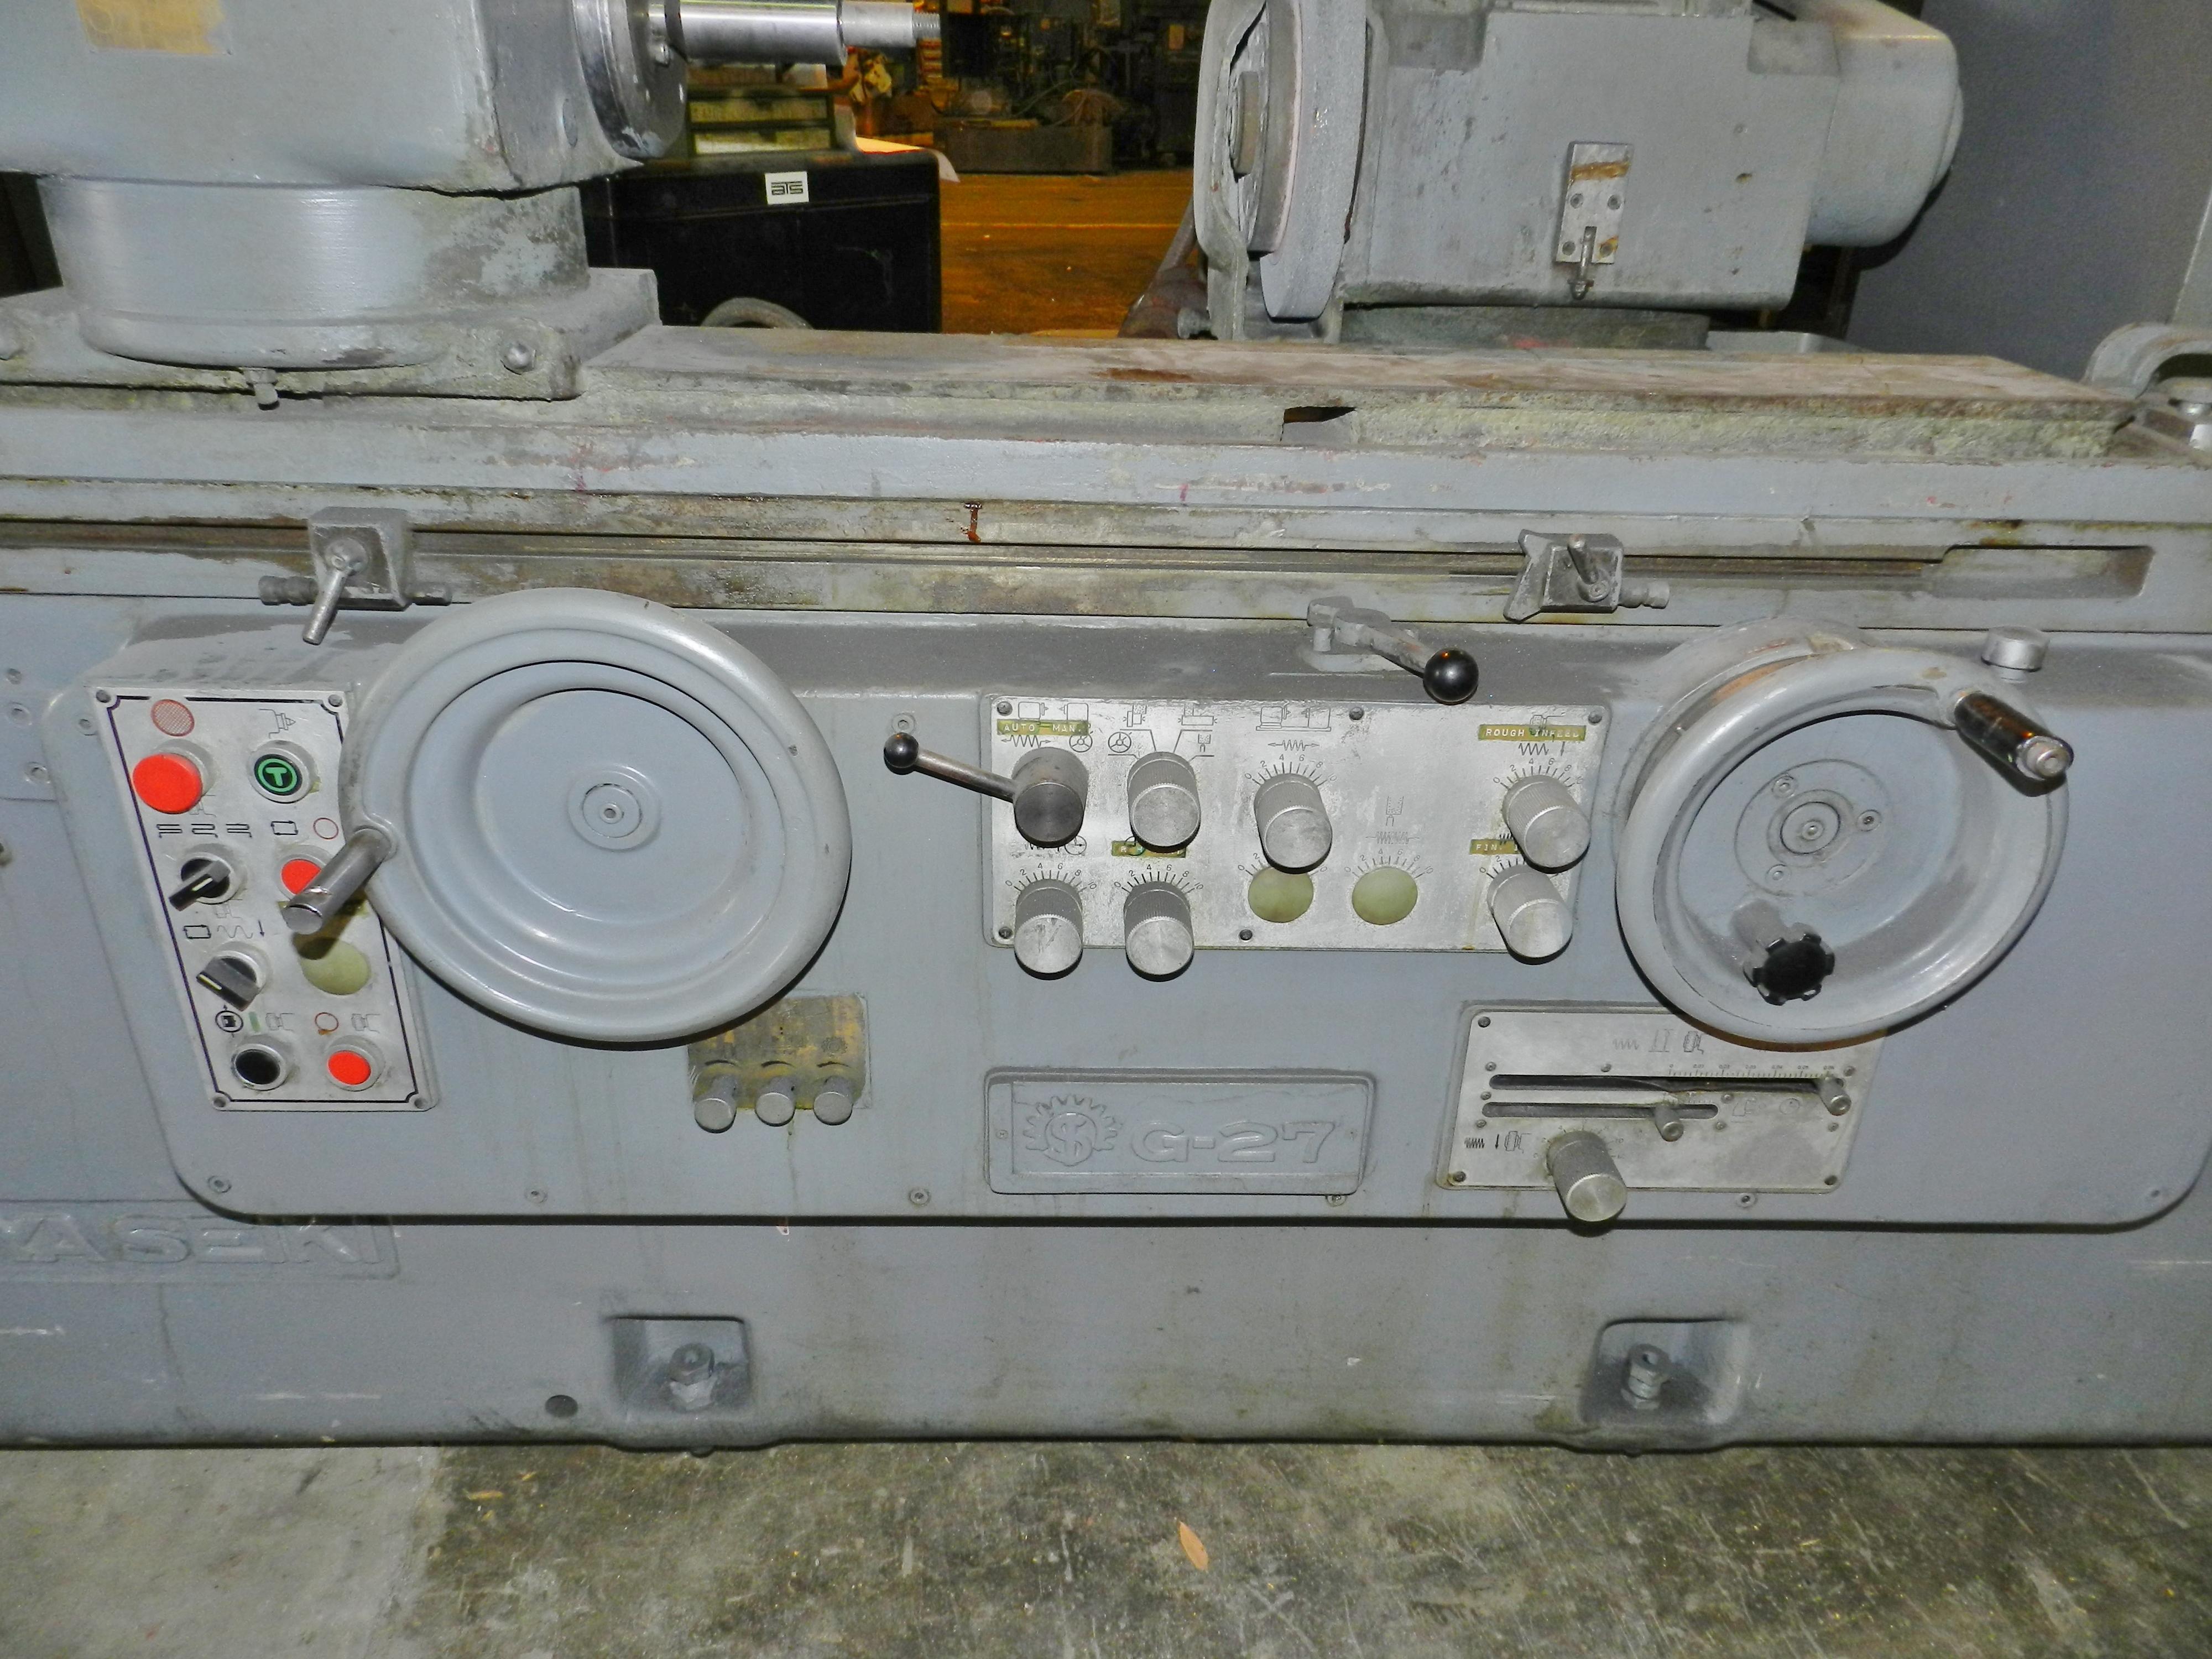 Lot 59 - Shigiya Seiki GUA-27-100 Cylindrical ID/OD Grinder G-27